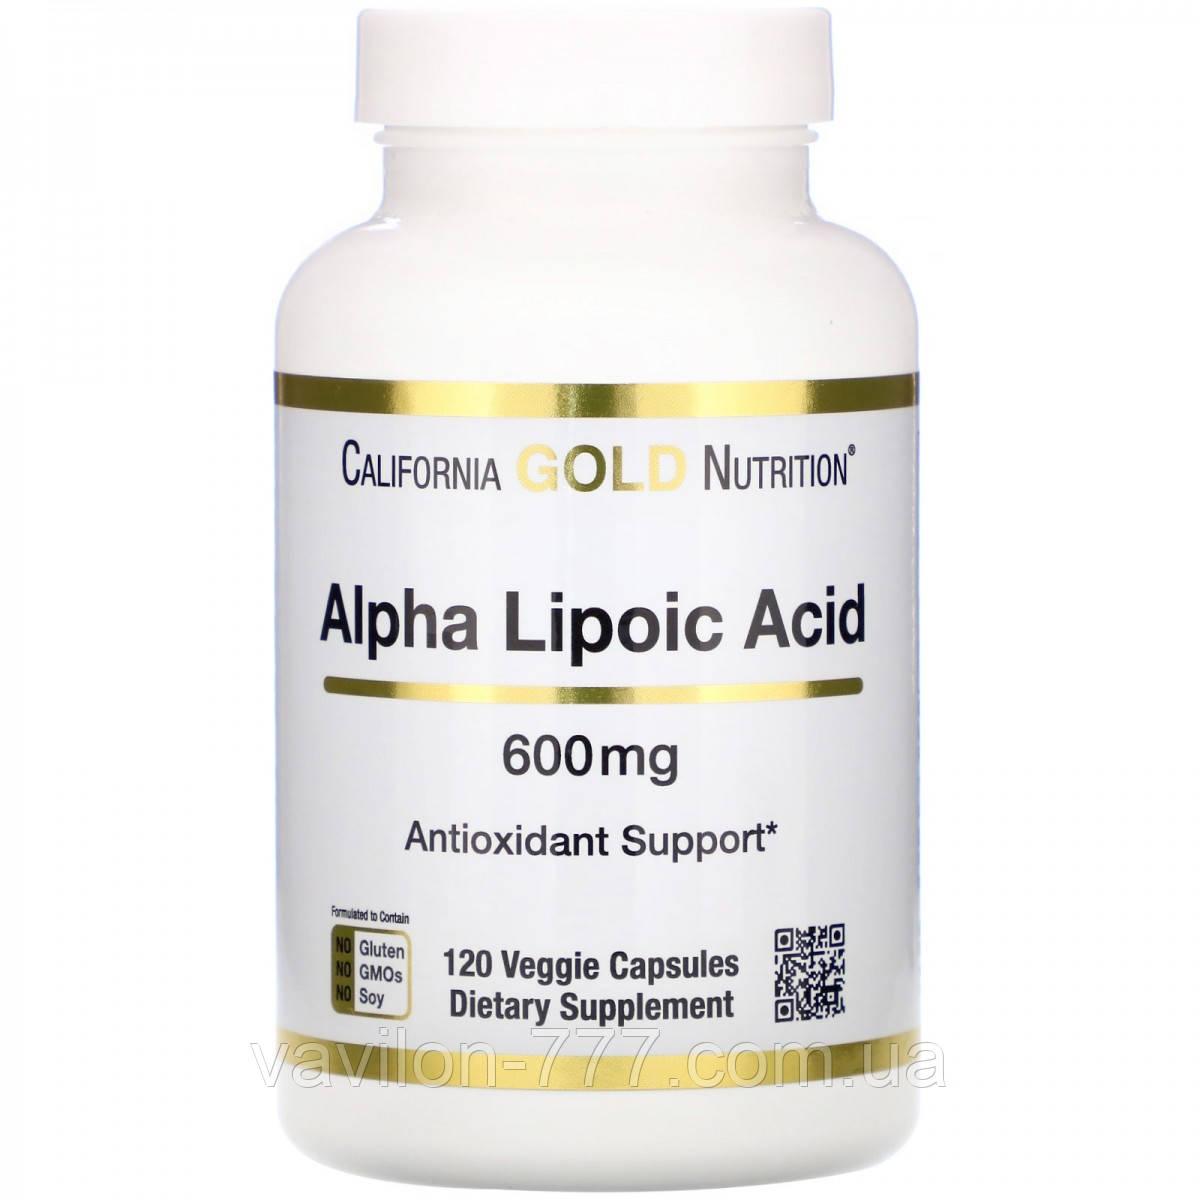 California Gold Nutrition, Альфа-липоевая кислота, 600 мг, 120 растительных капсул